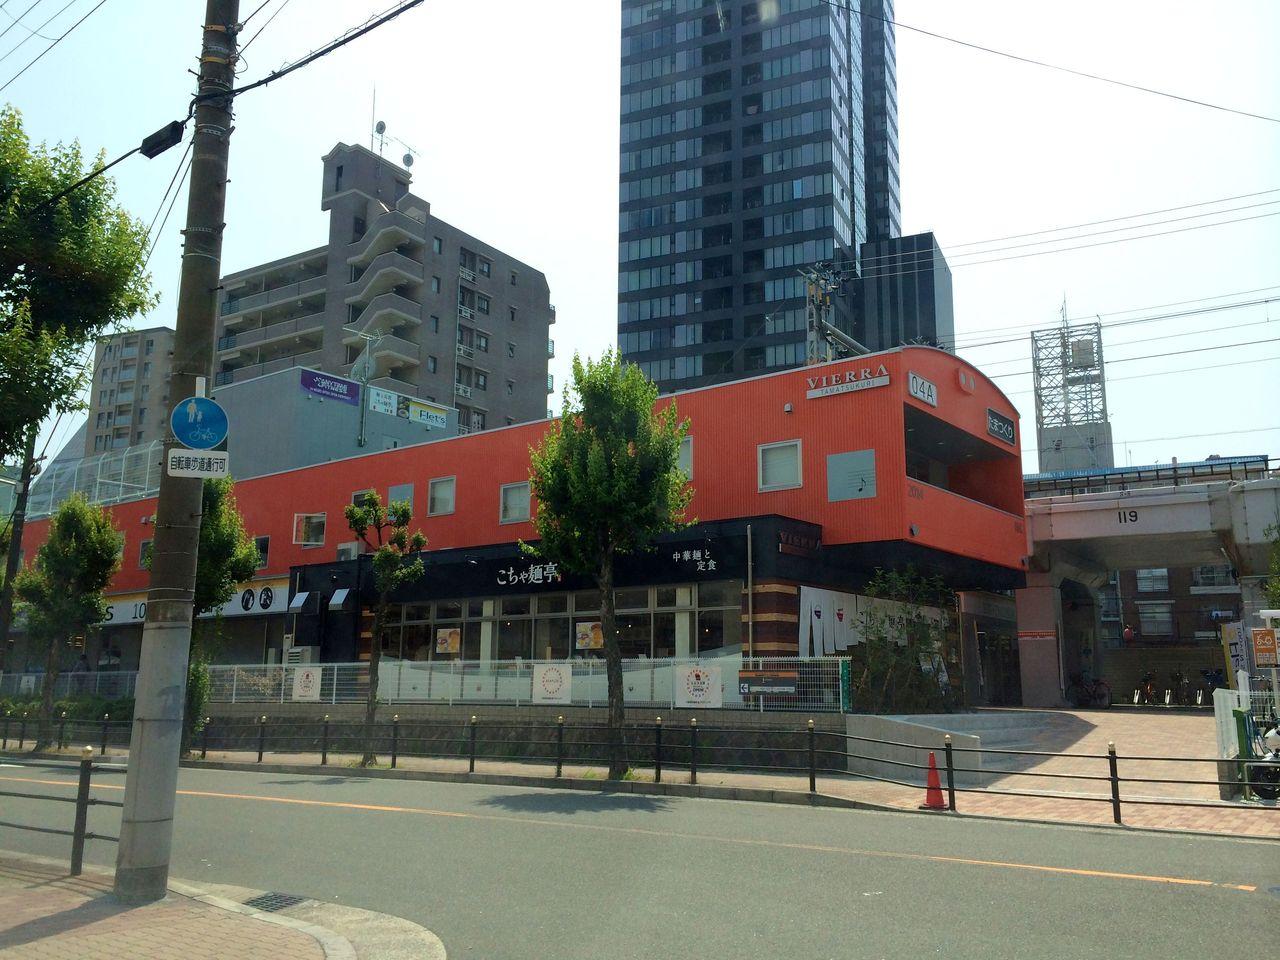 大阪環状線車両モチーフの外観